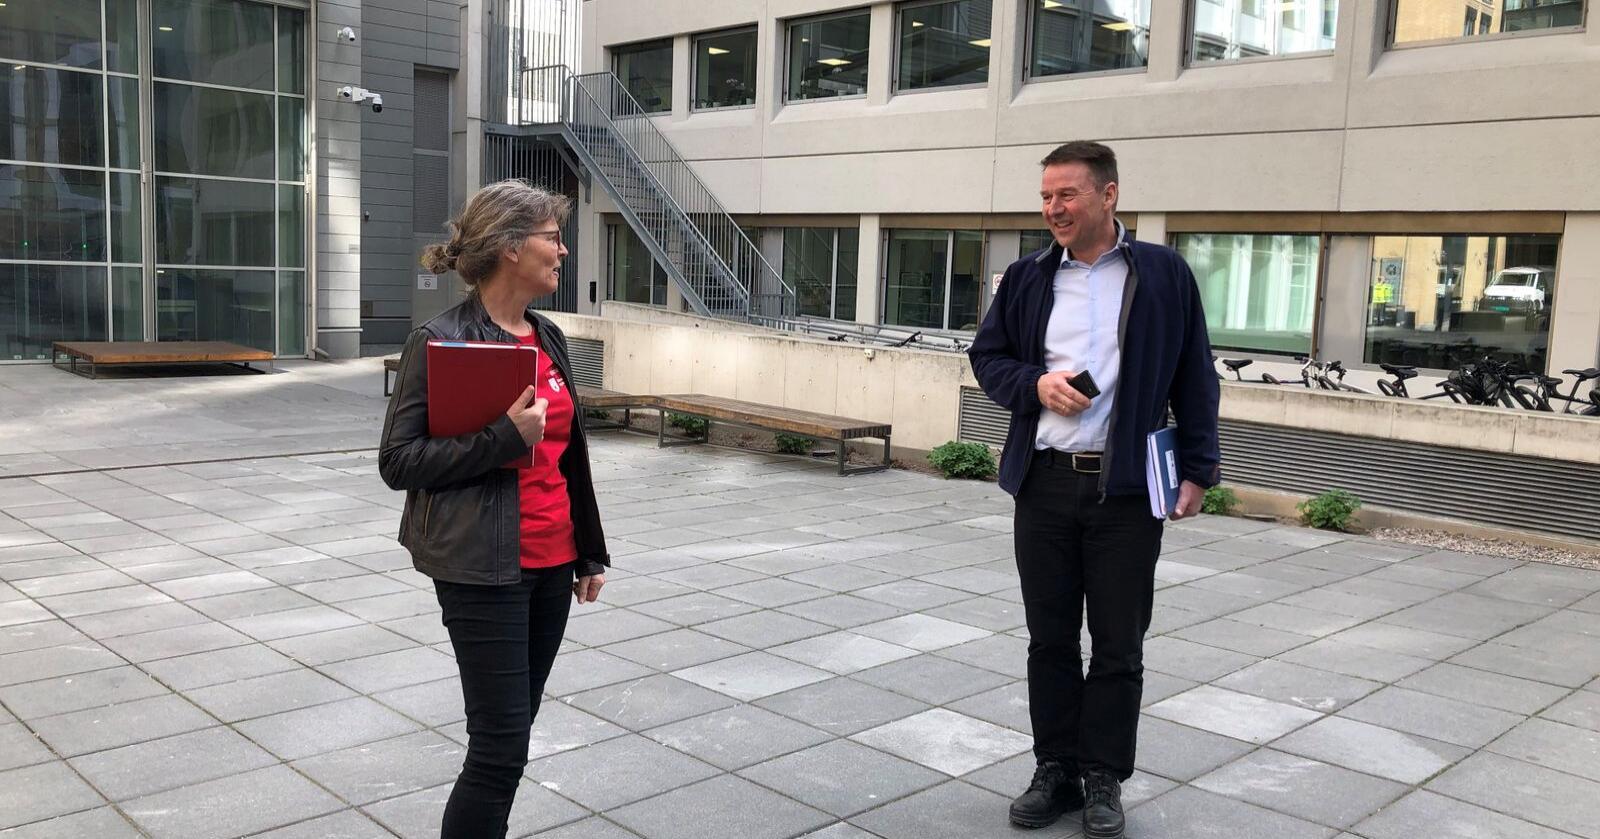 Småbrukarlagsleder Kjersti Hoff og bondelagsleder Lars Petter Bartnes i jordbrukets forhandlingsutvalg påvei inn til Landbruks- og matdepartementet.